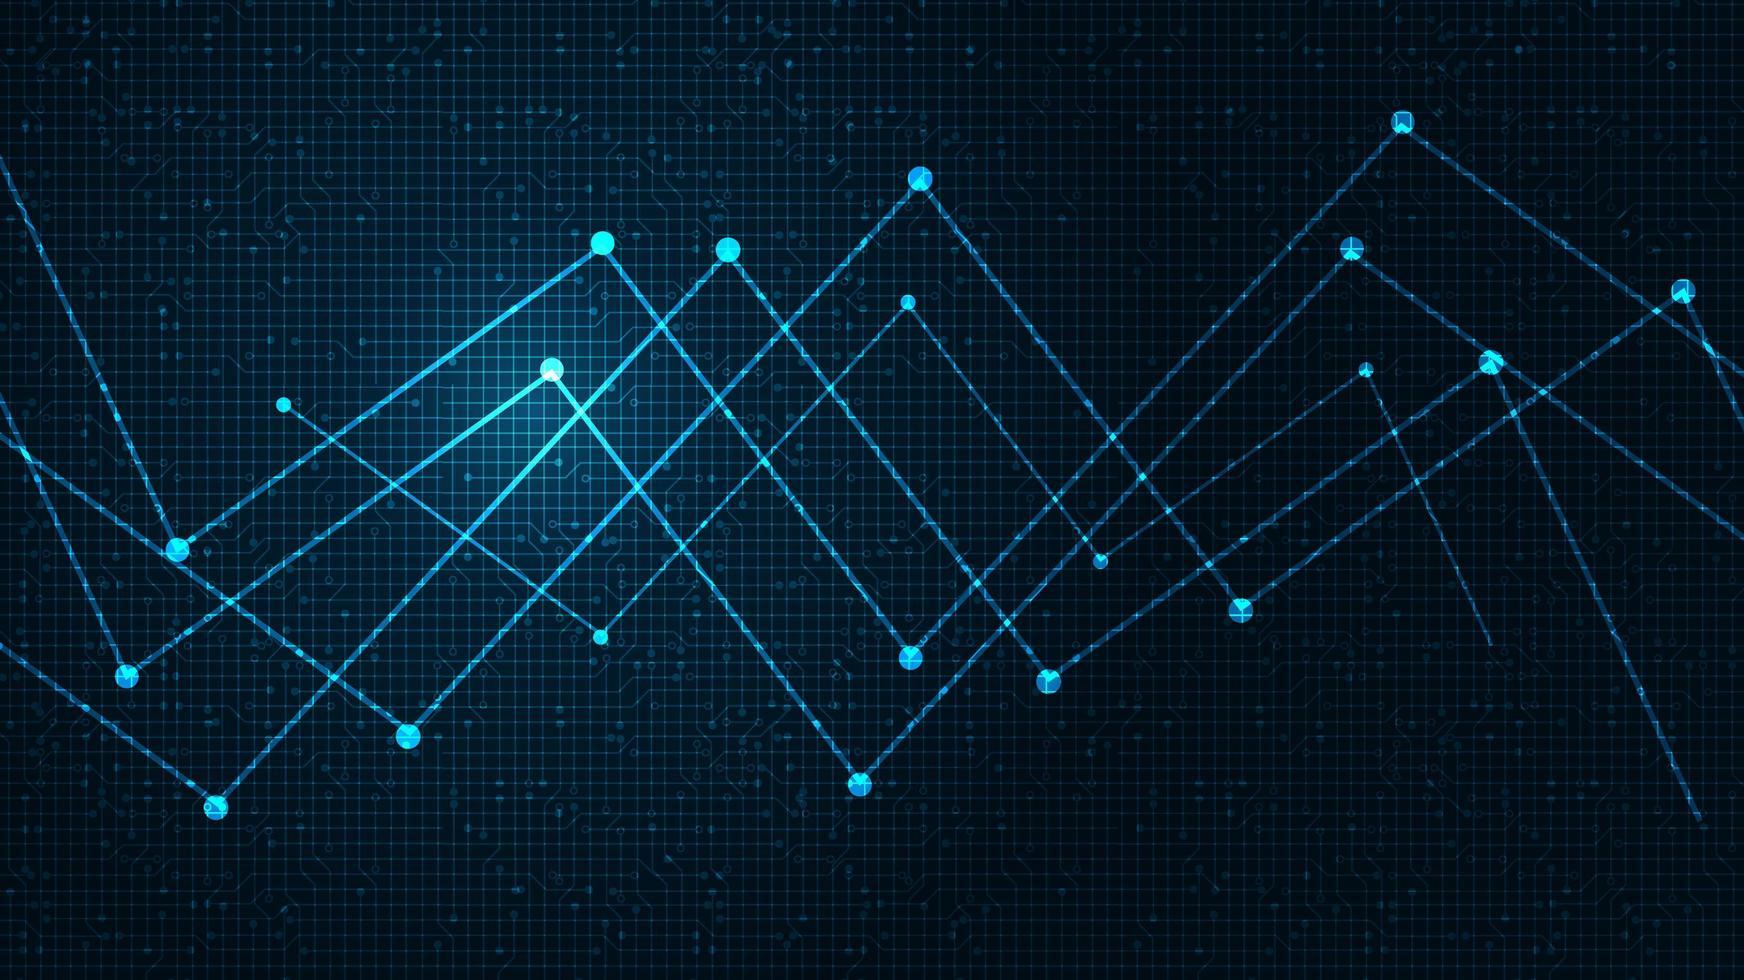 framtida nätverksmikrochip på teknikbakgrund, högteknologi, säkerhet och dela konceptdesign vektor